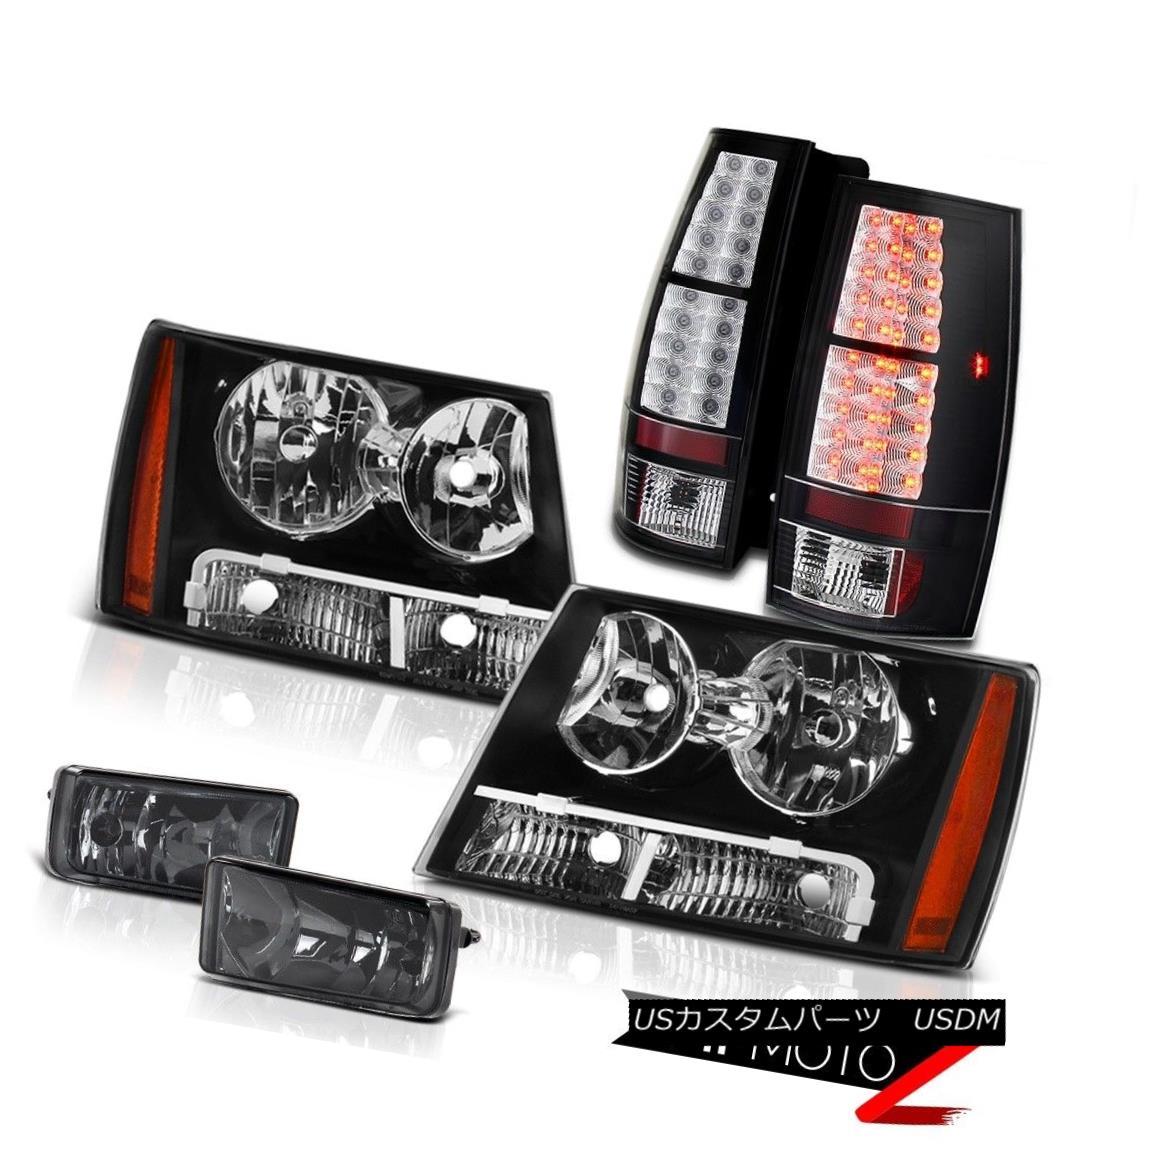 テールライト REAL GLASS Smoke Fog Light+Black Headlight+LED Brake Tail Lights Suburban Tahoe リアルグラススモークフォグライト+ブラックヘッドライト+ LEDブレーキテールライト郊外のタホ